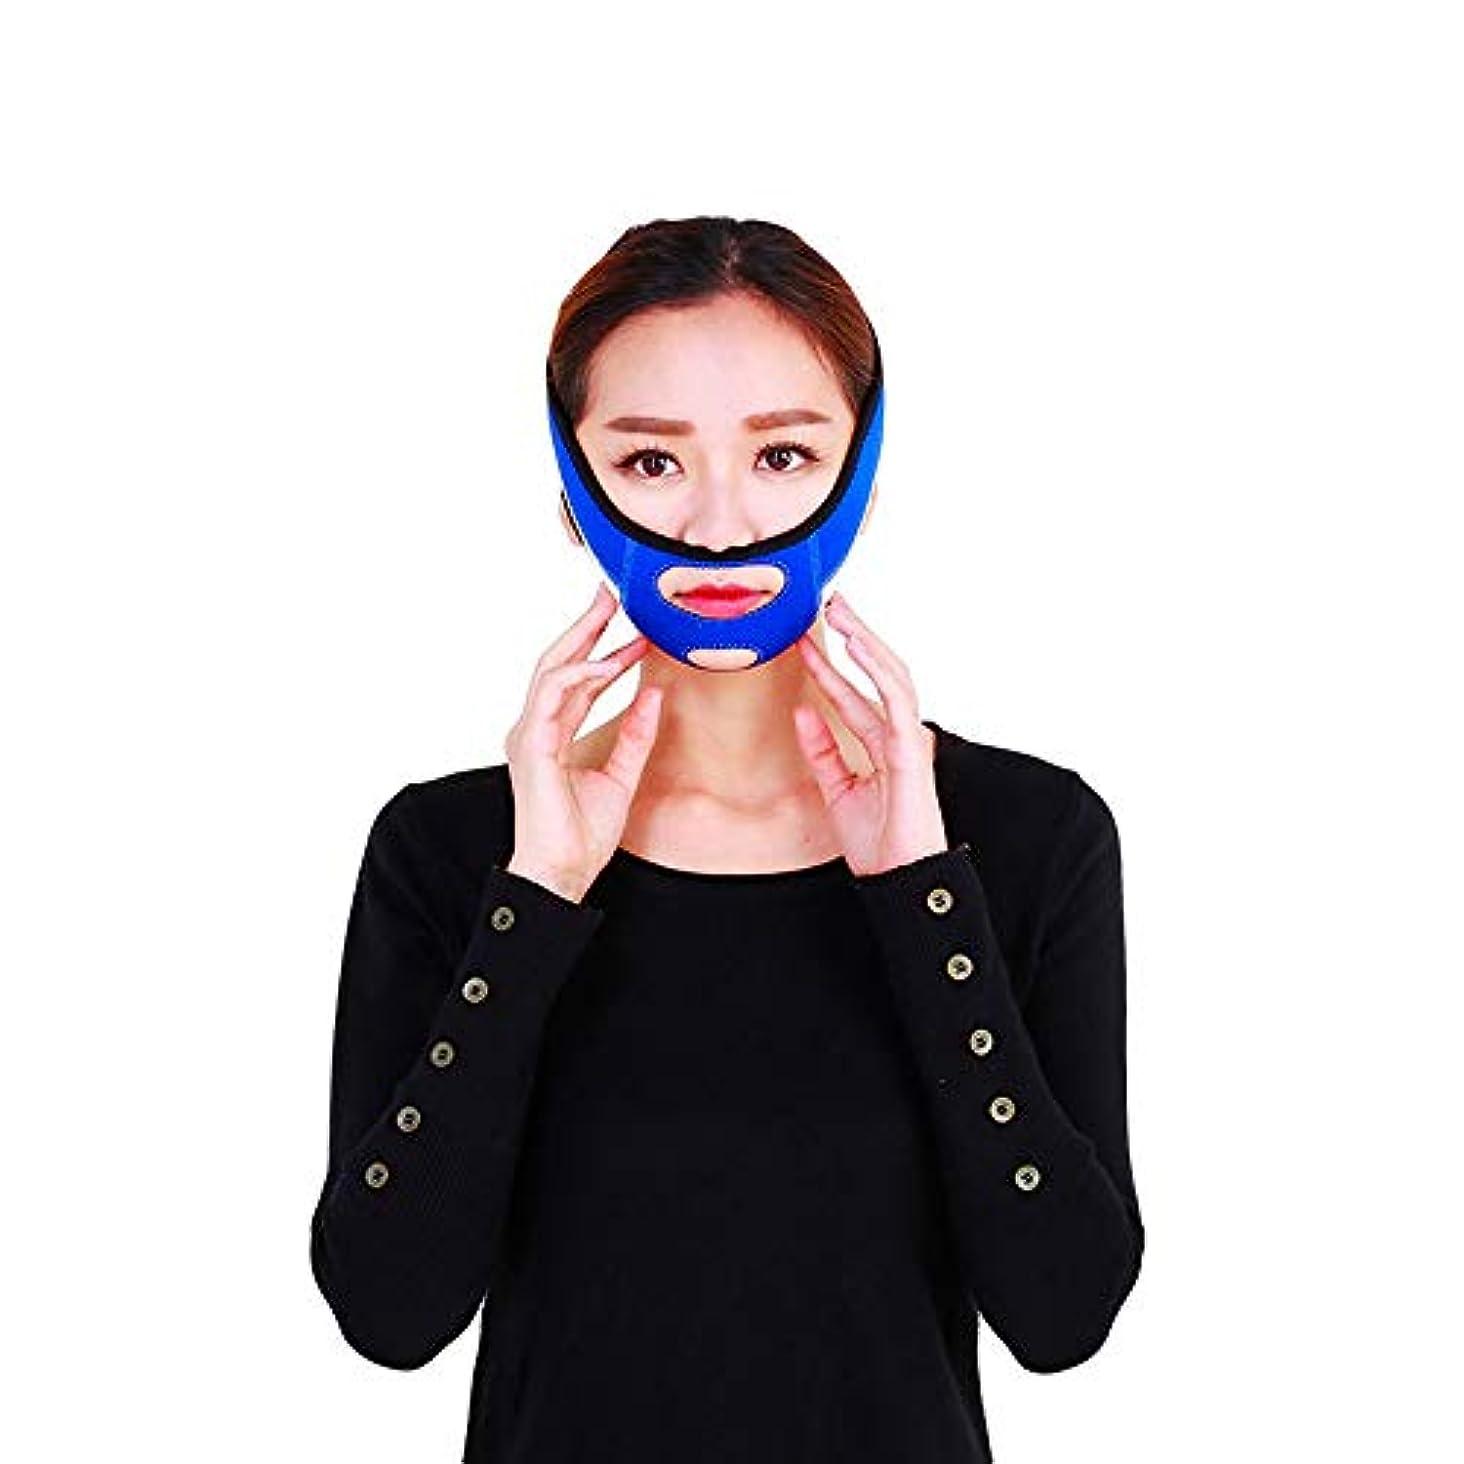 素朴なとげのある回復する顔を持ち上げるベルト - 顔を持ち上げる包帯は、上顎顔面修正ツールを強力に強化し、顔面マスクのV字形の人工物